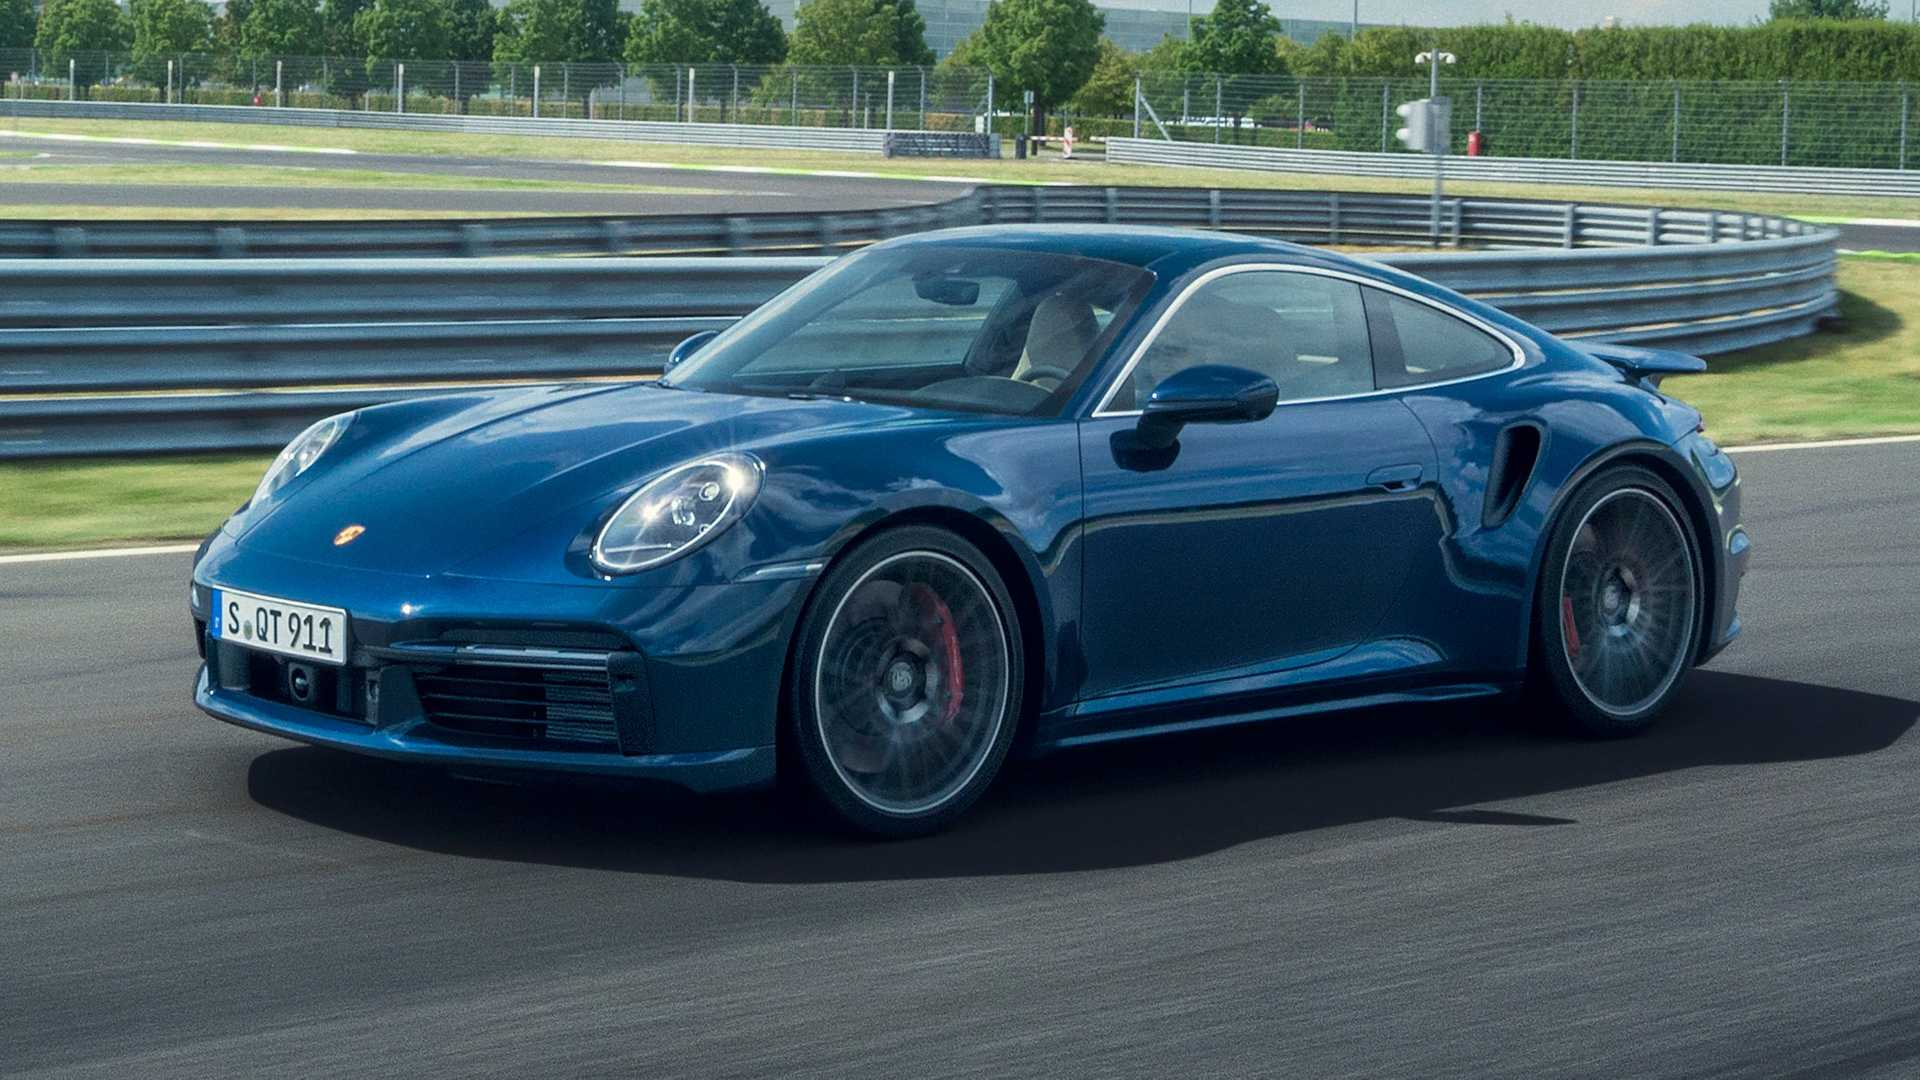 El Porsche 911 eléctrico no llegará hasta 2030, según la marca